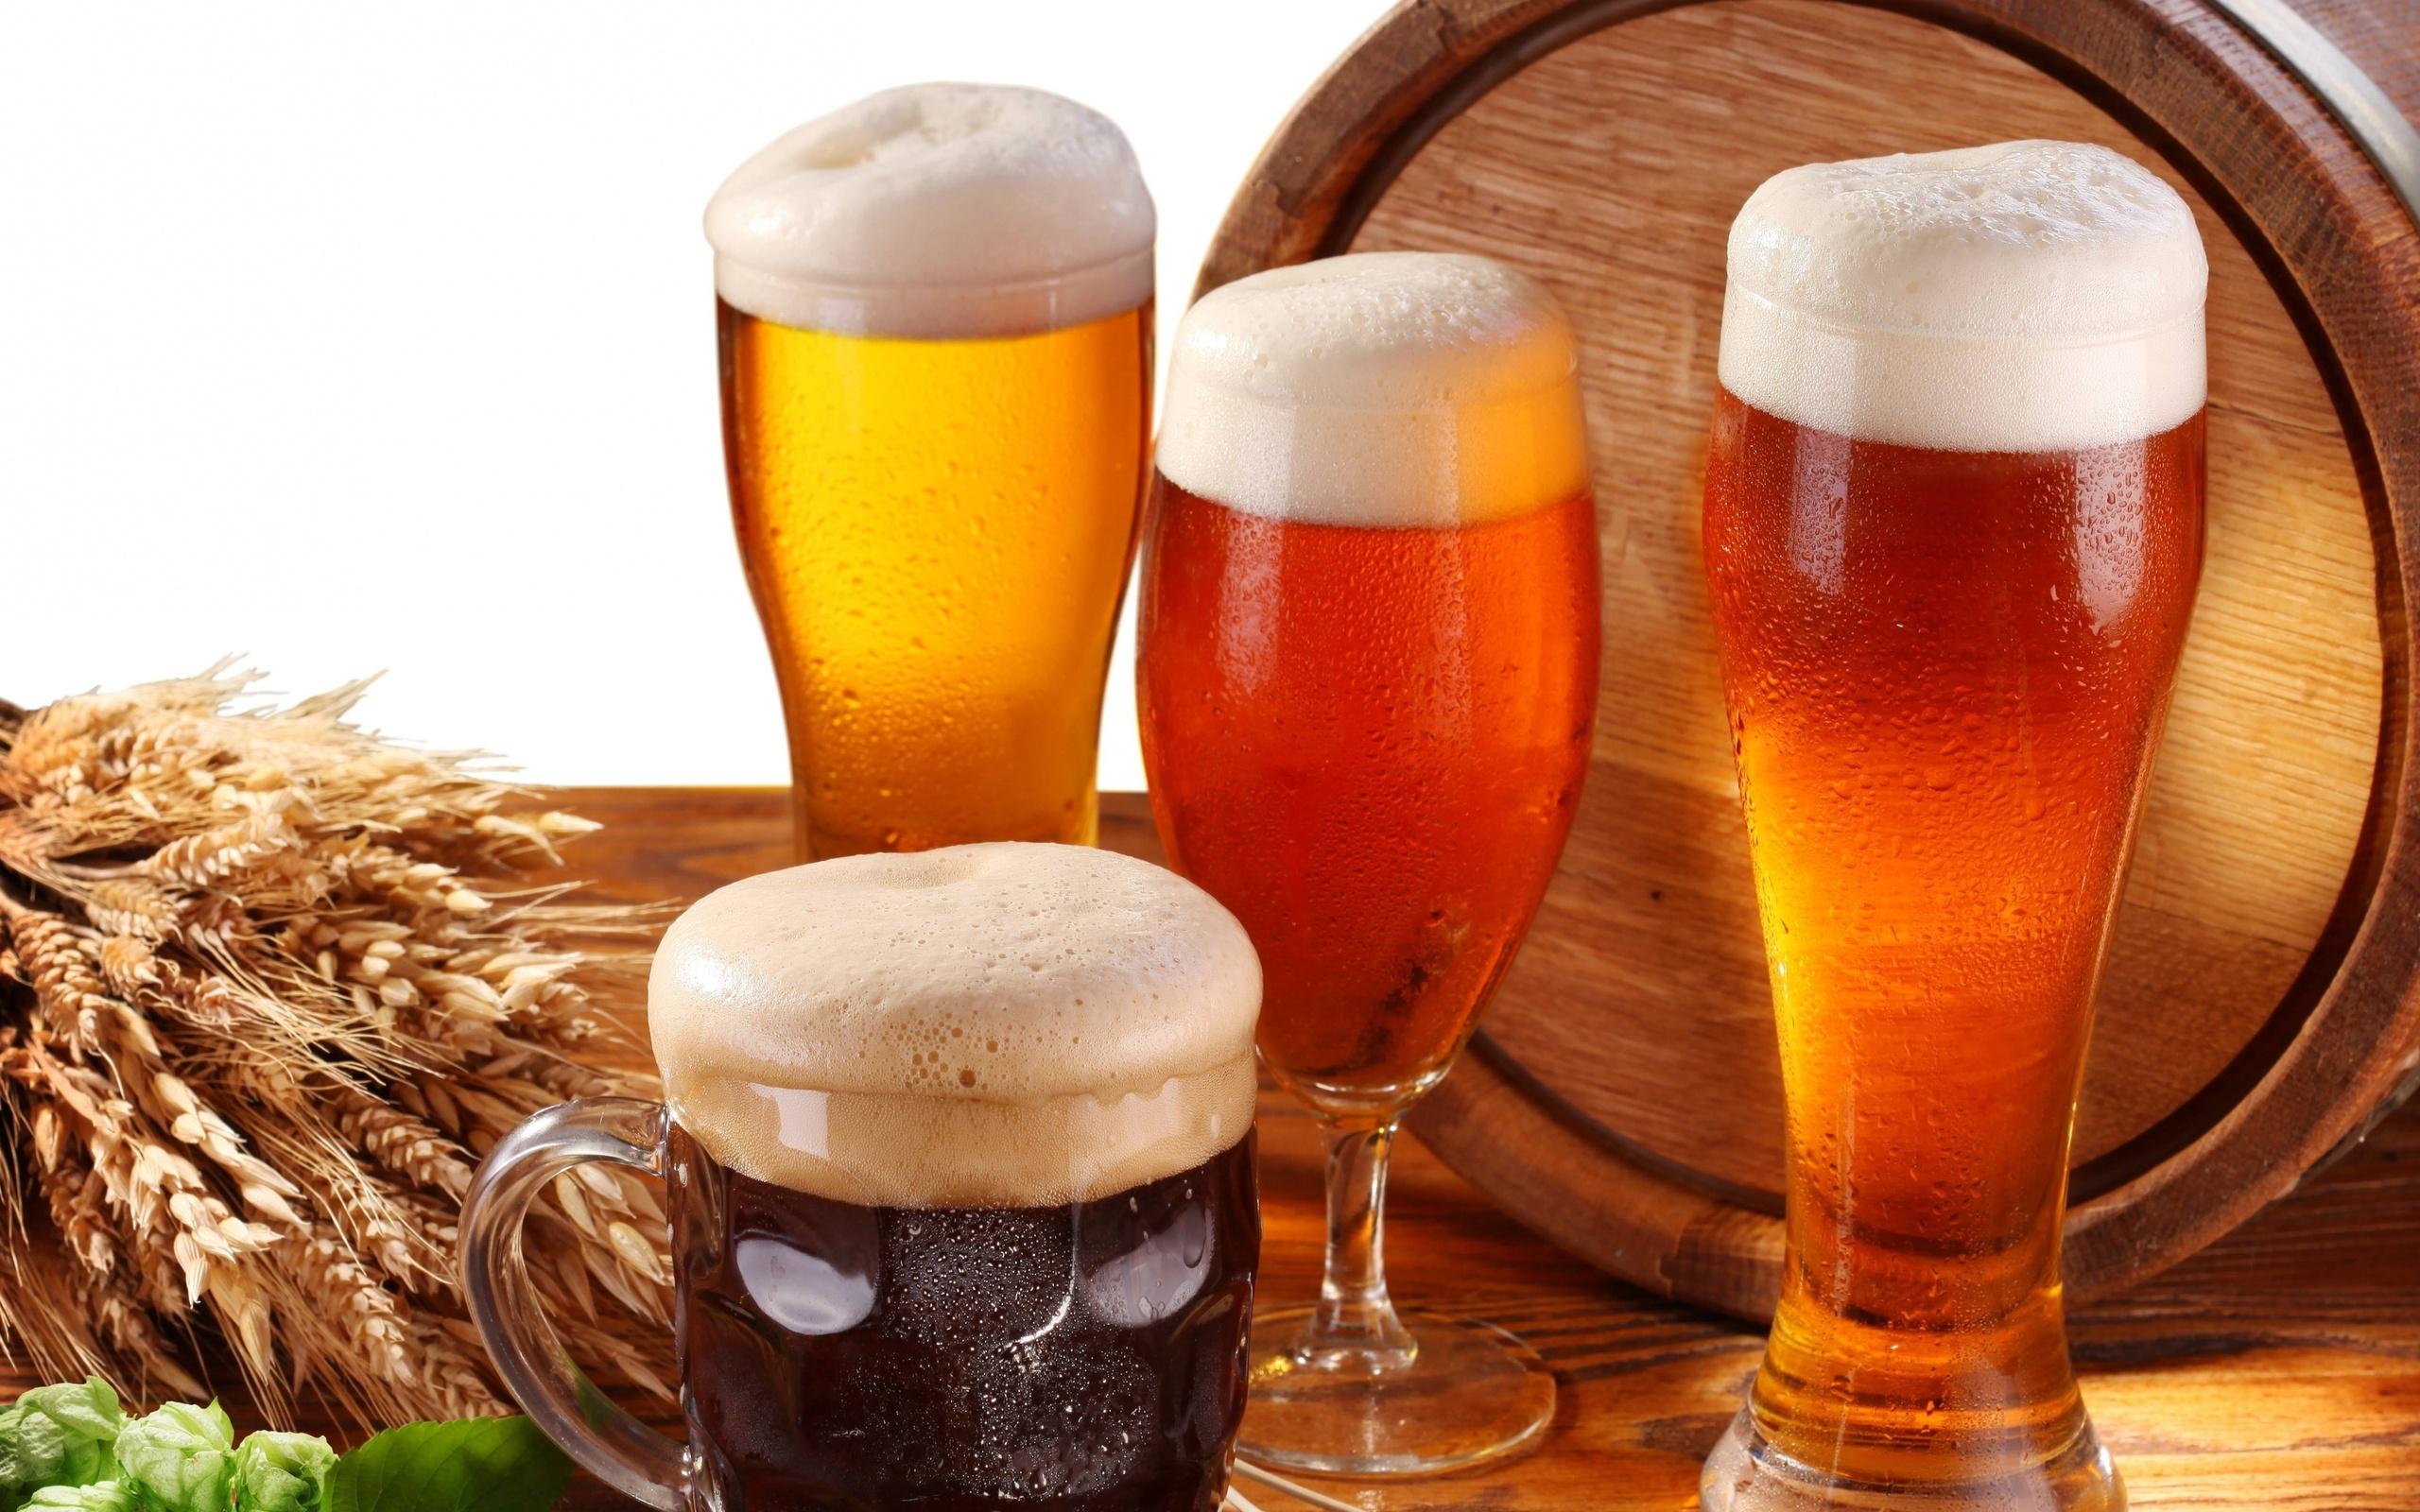 картинки пиво в кружке разливное посмотреть выполнен бруса, утеплен